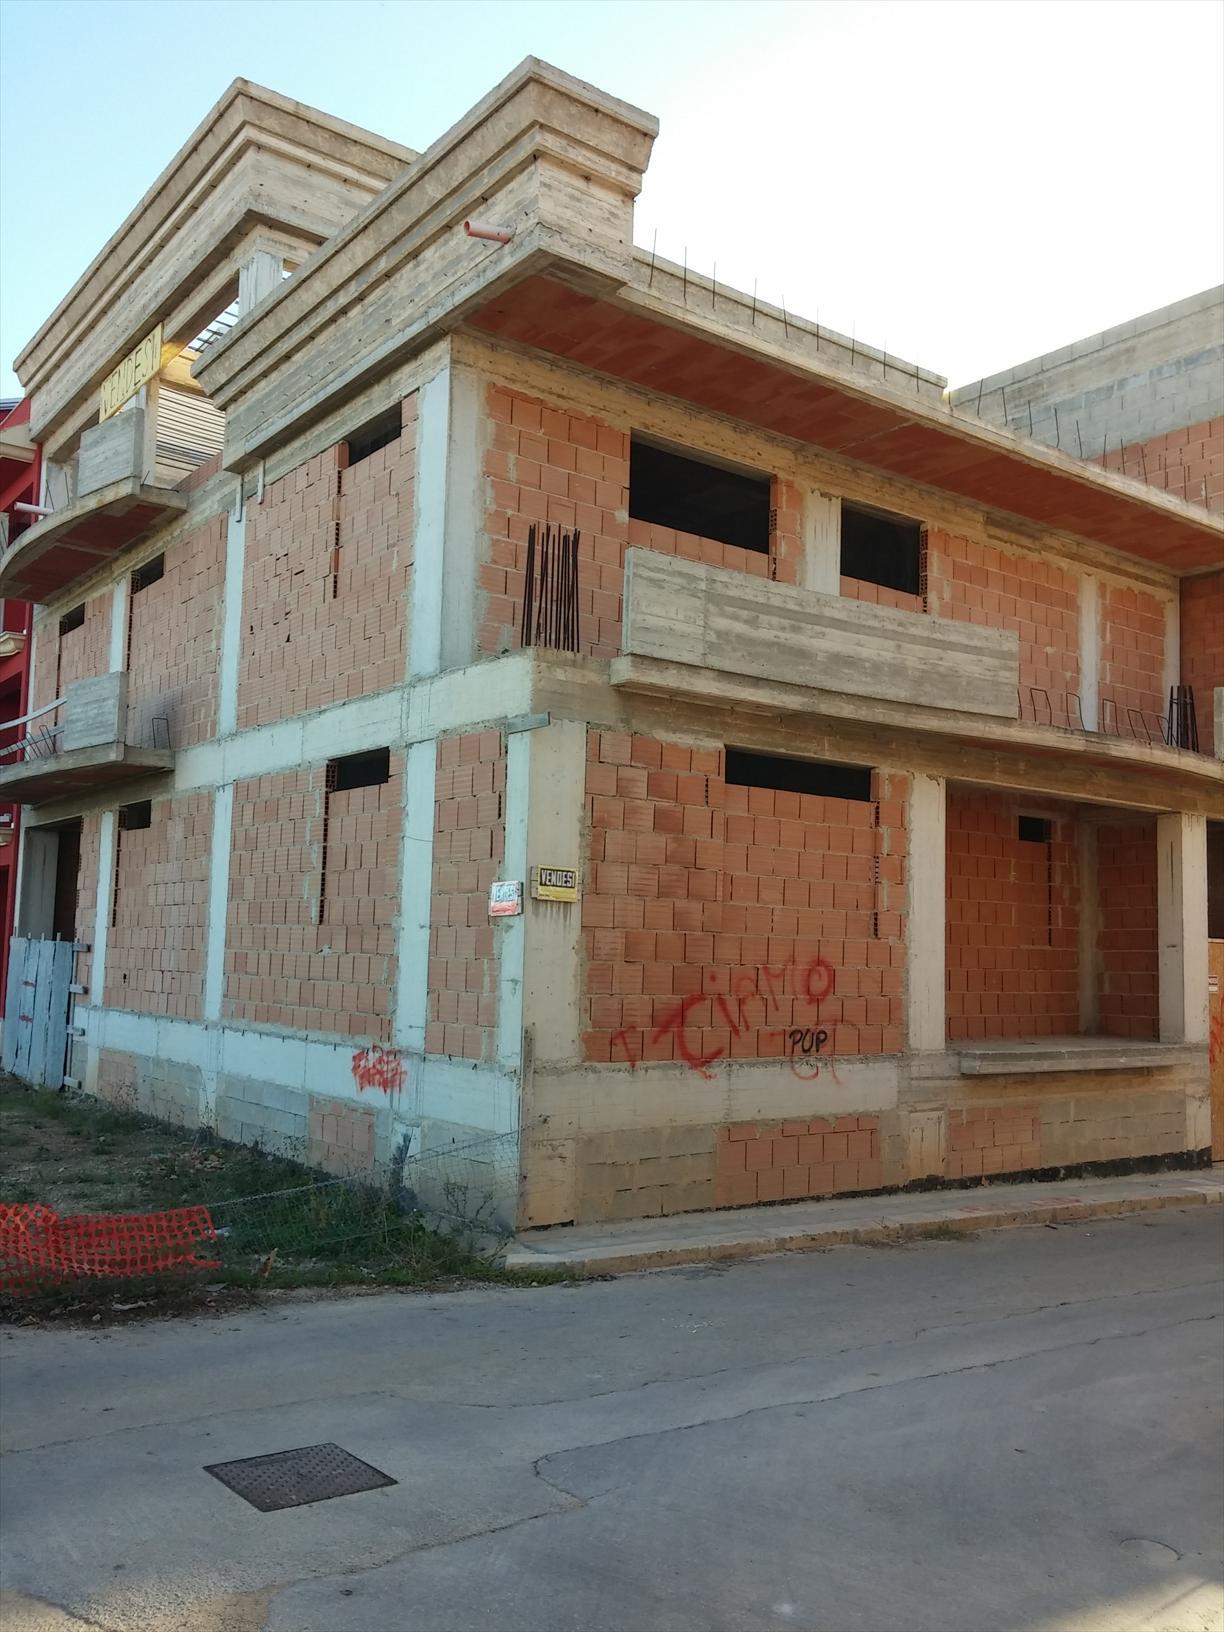 Struttura in cemento armato su tre livelli, con seminterrato, vano ascensore, divisibile anche in due comodi appartamenti. Da rifinire, in zona semicentrale.  ...